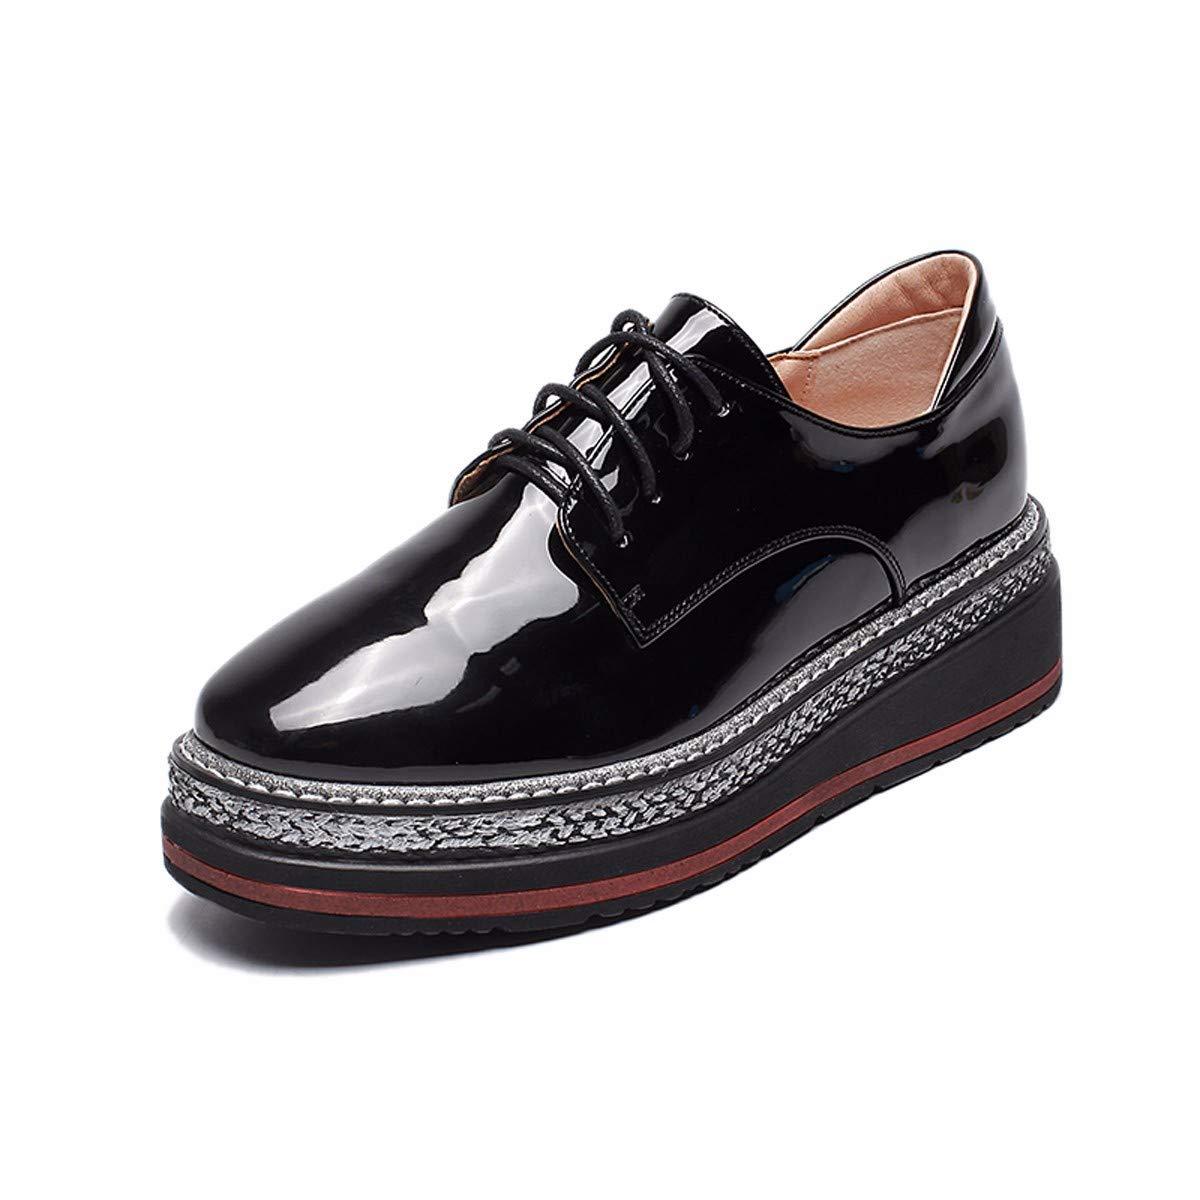 Noir GTVERNH Chaussures Femmes Chaussures Chaussures De Cuir épais Muffin 4 Cm des Chaussures des Souliers des Chaussures Unique pour Les étudiants. Thirty-nine